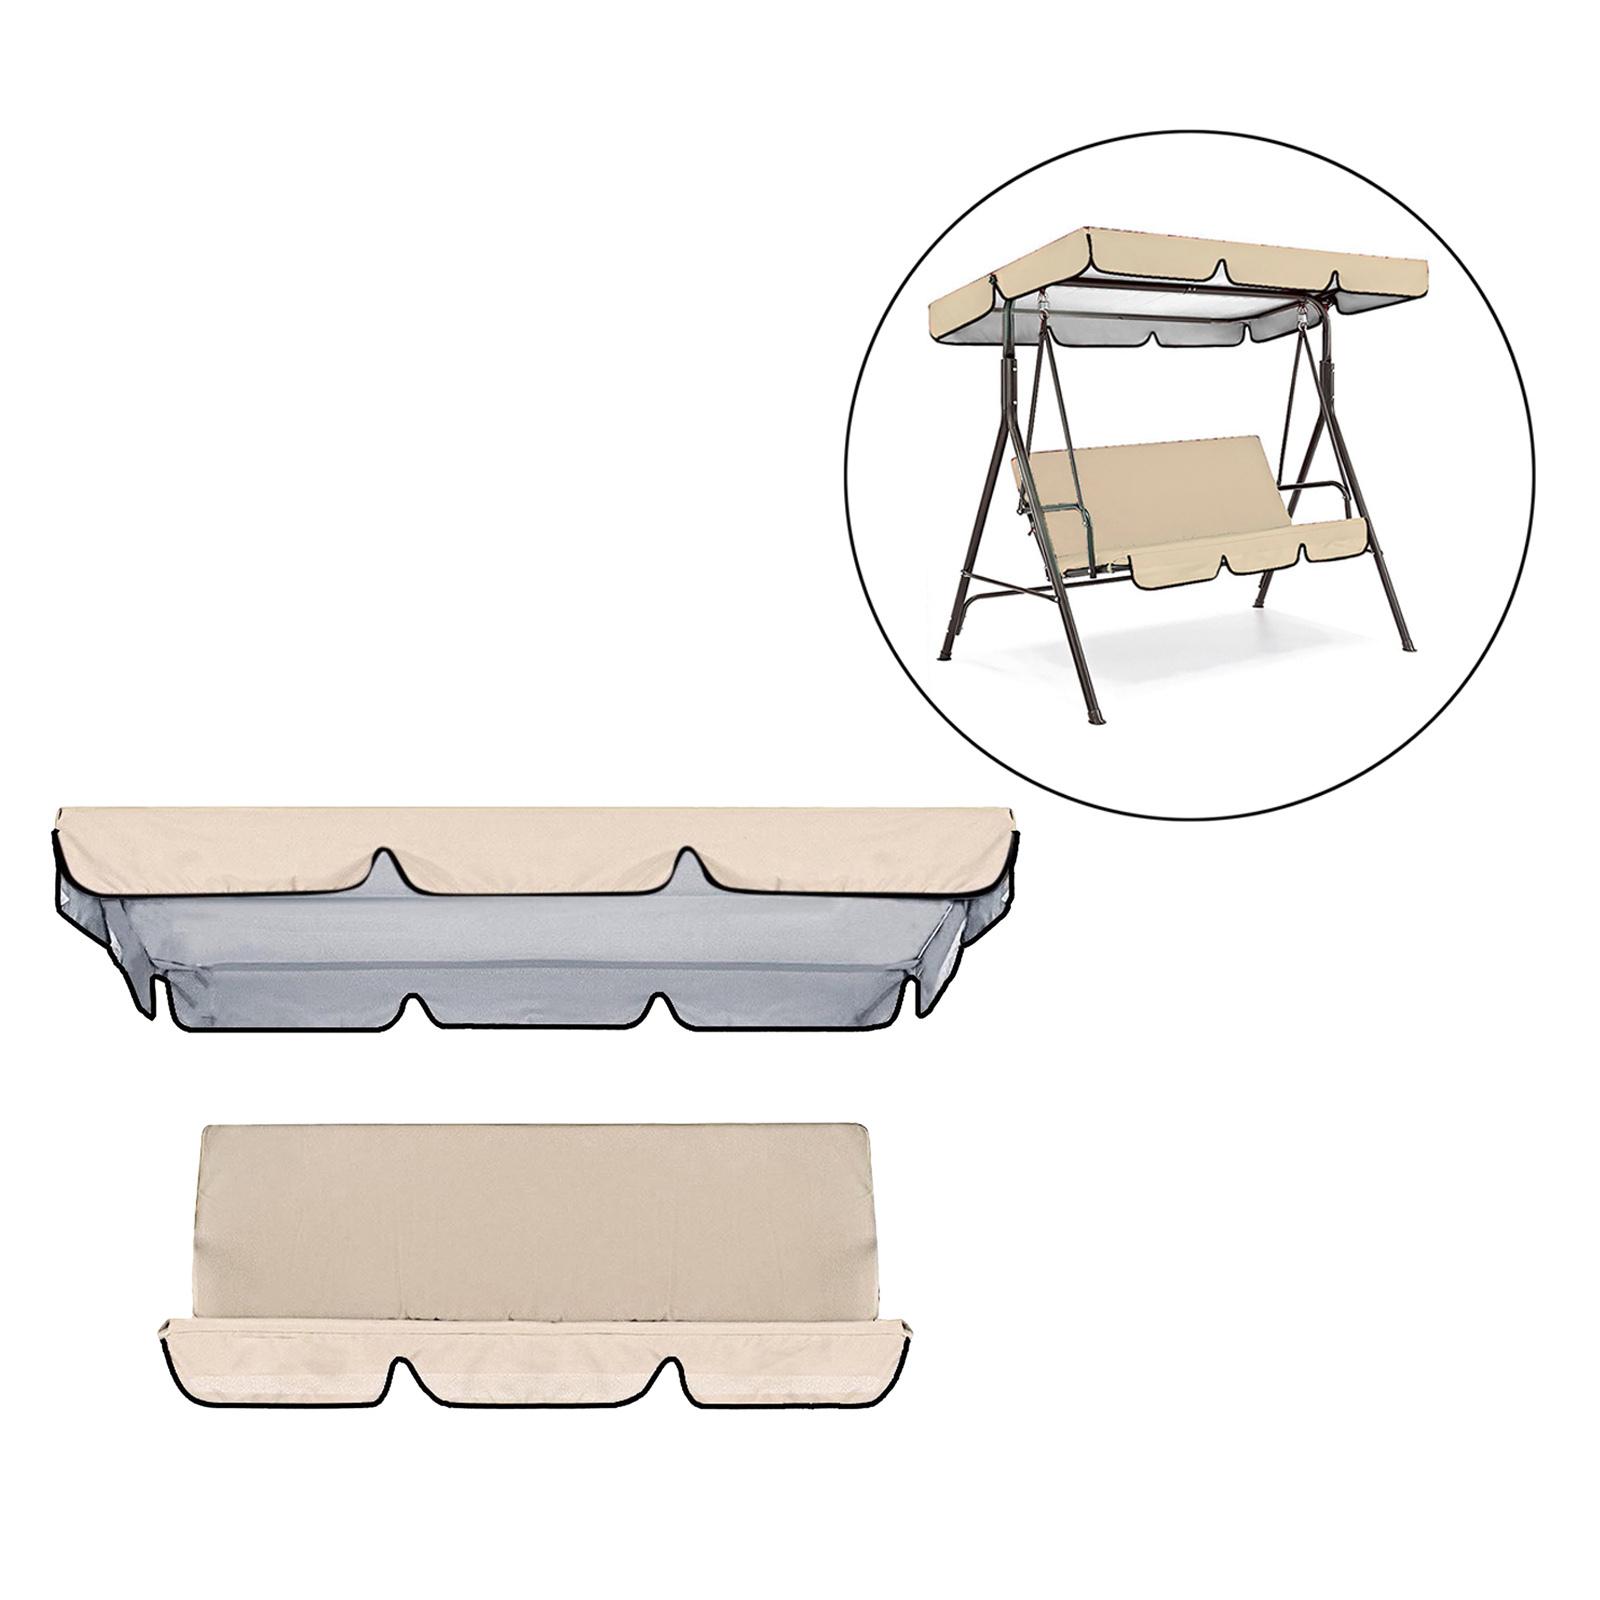 miniatura 30 - Sostituzione della copertura della sedia a dondolo da esterno per patio,